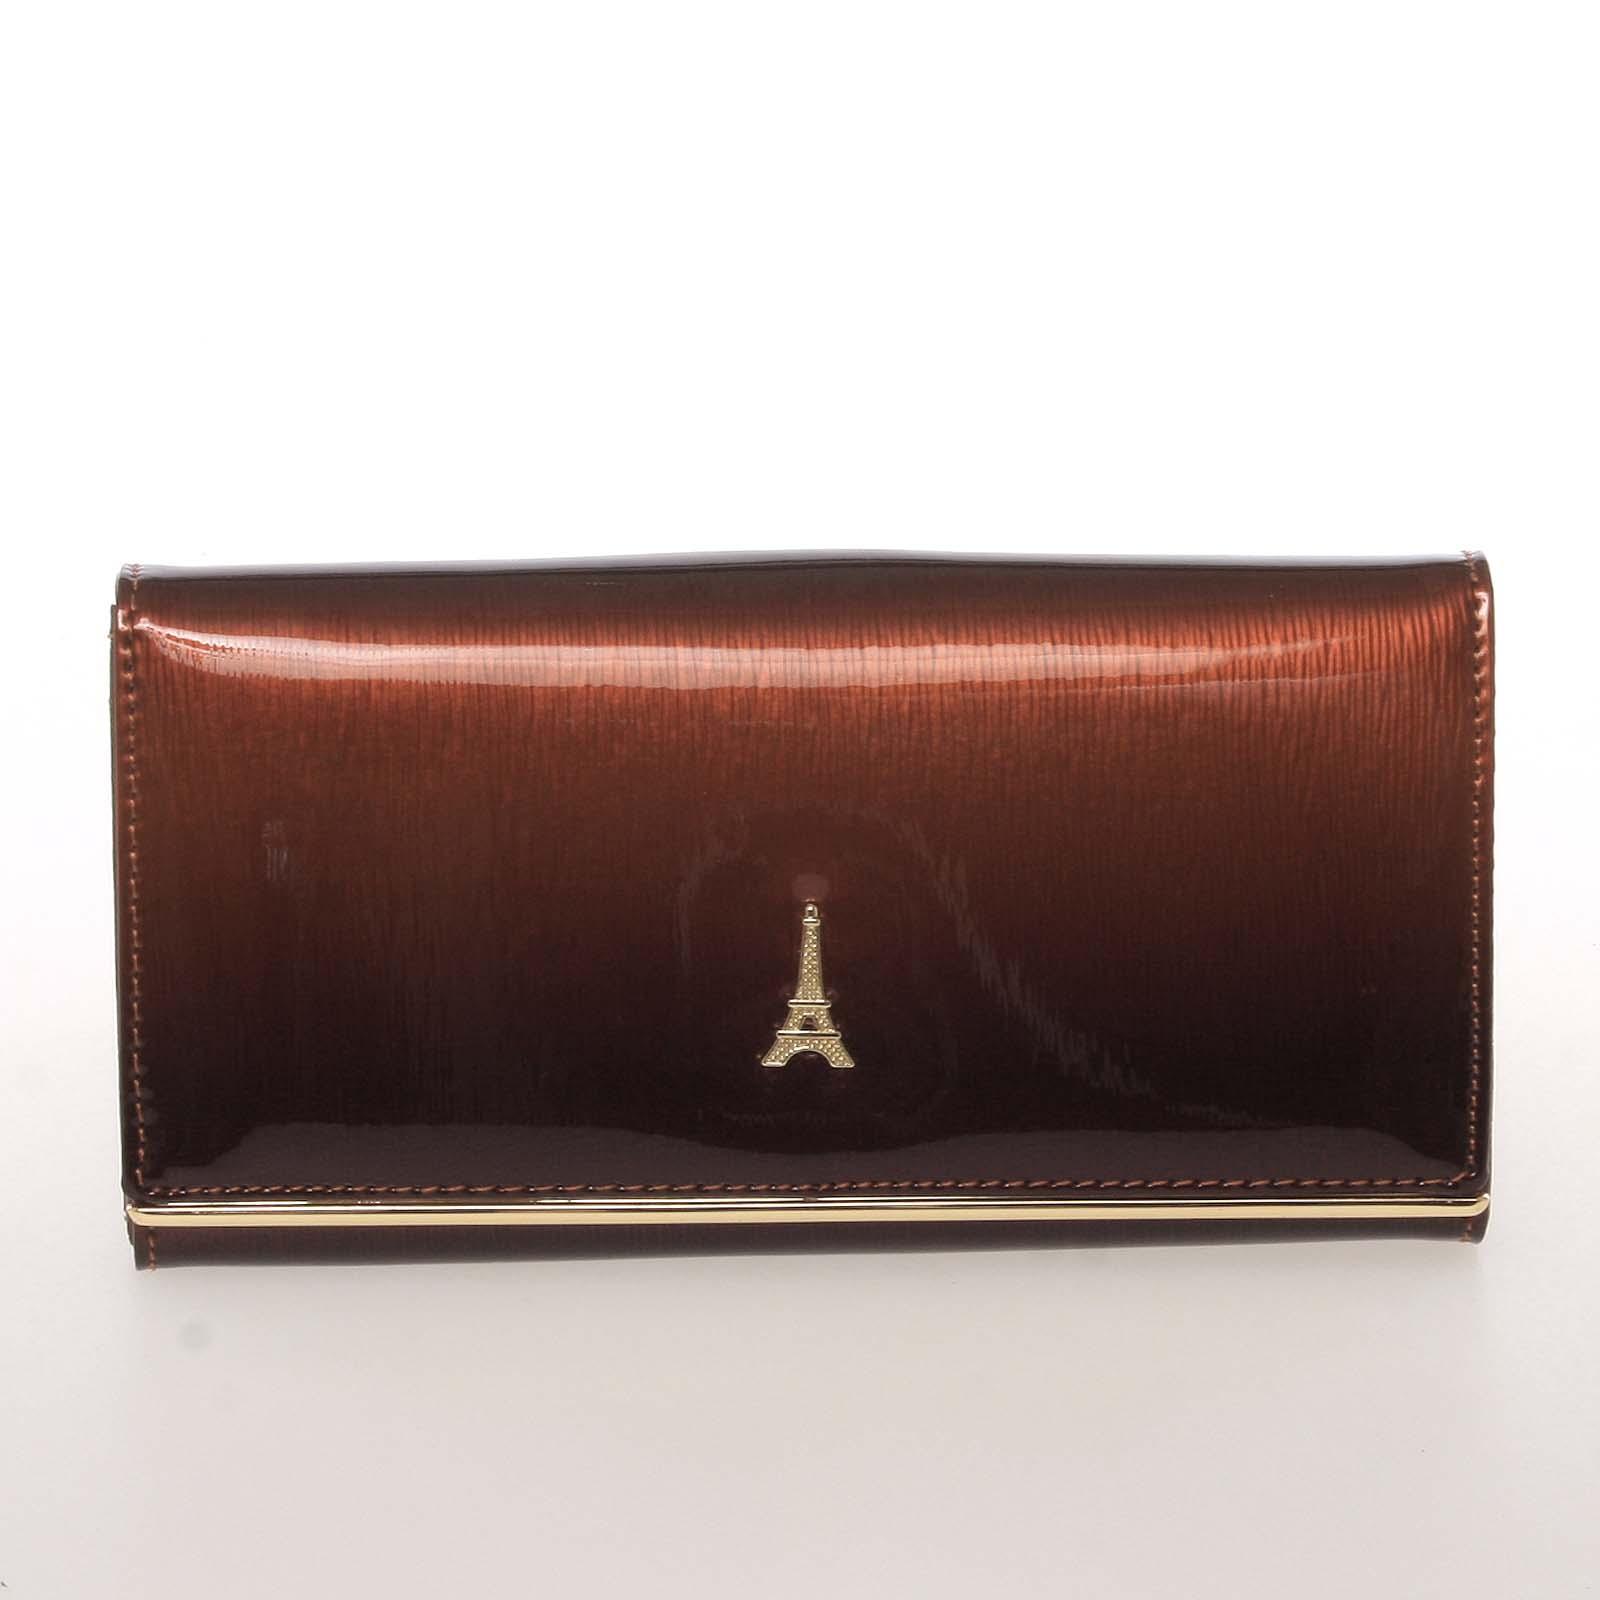 Jedinečná kožená lakovaná dámská peněženka hnědá - PARIS 64003DSHK